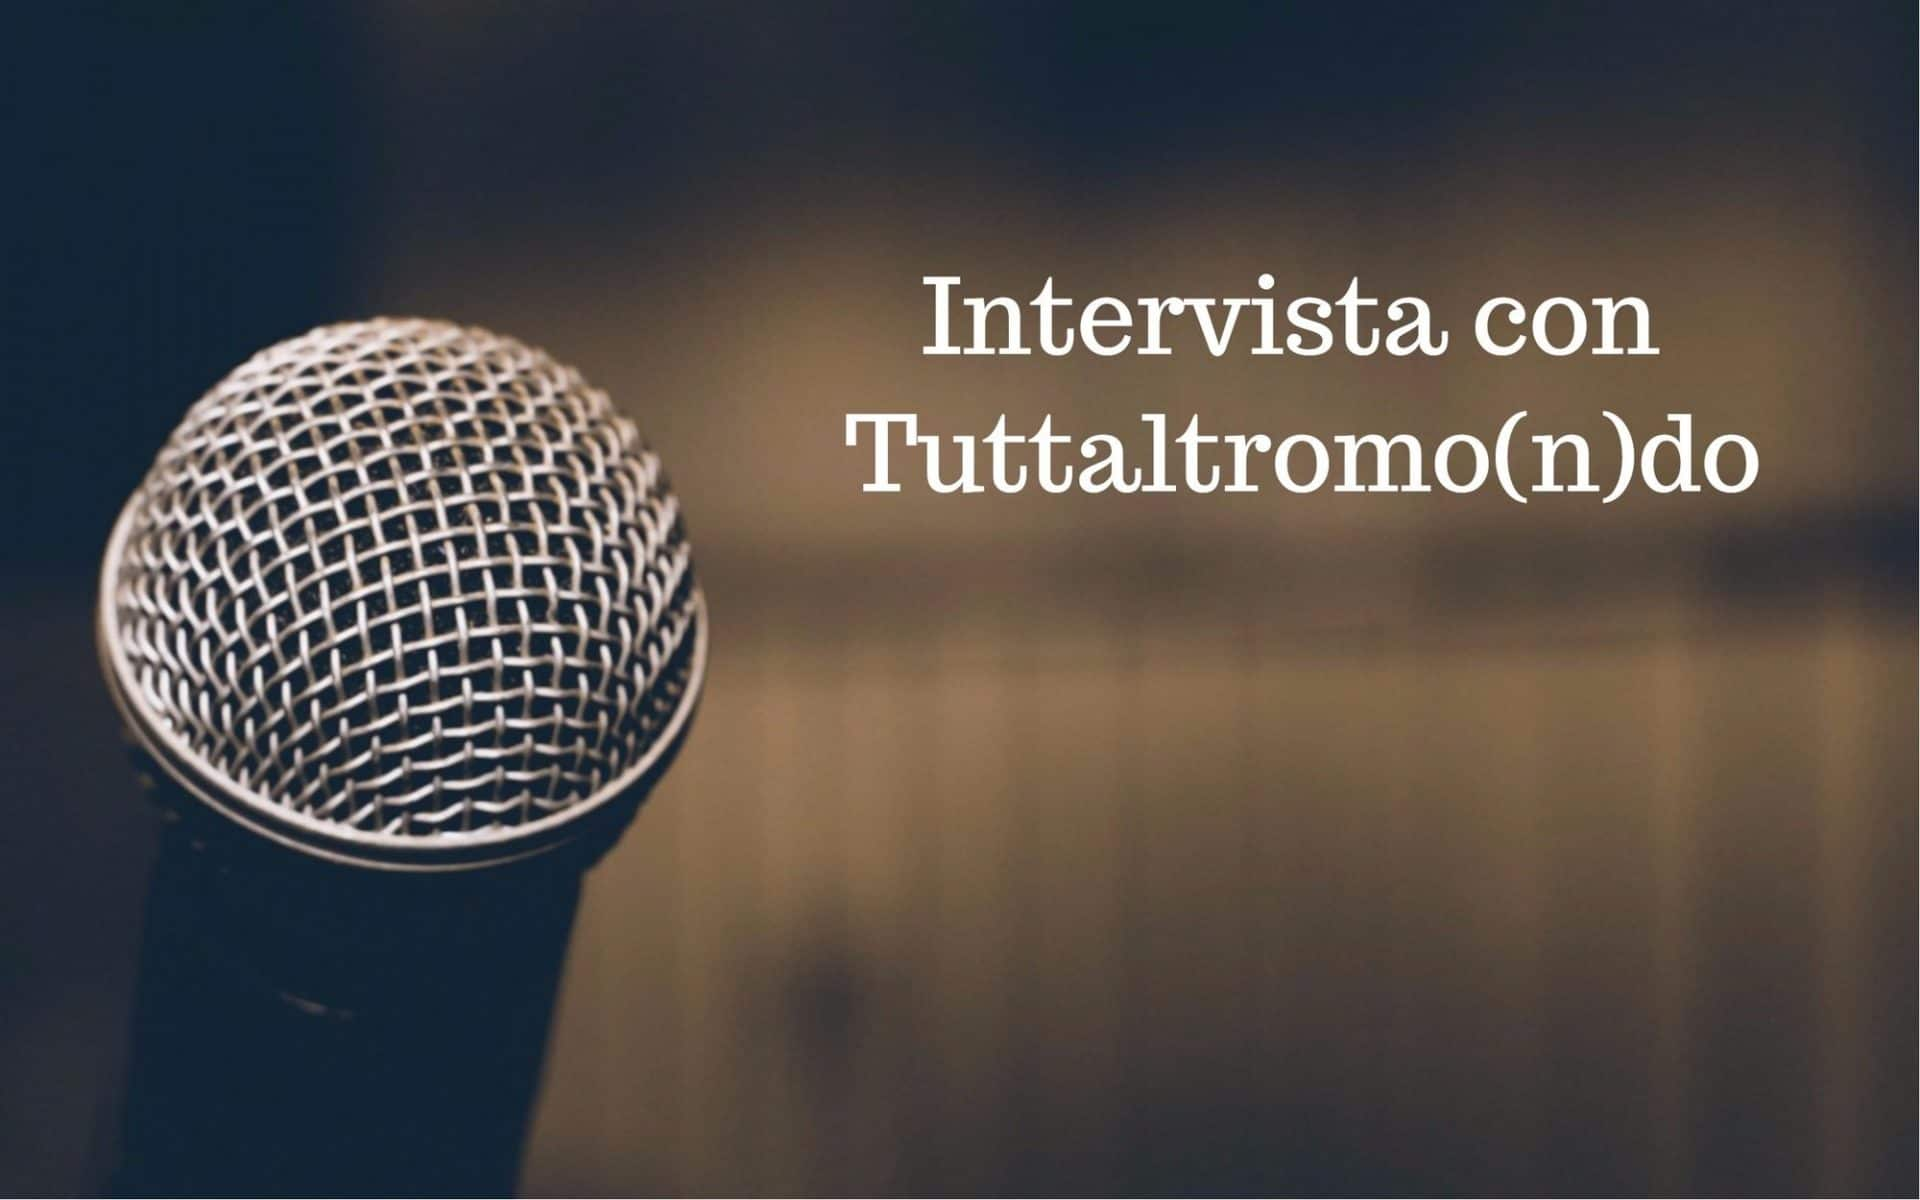 Intervista con Tuttaltromo(n)do: l'agenzia di viaggi online che vi porta in Sud America